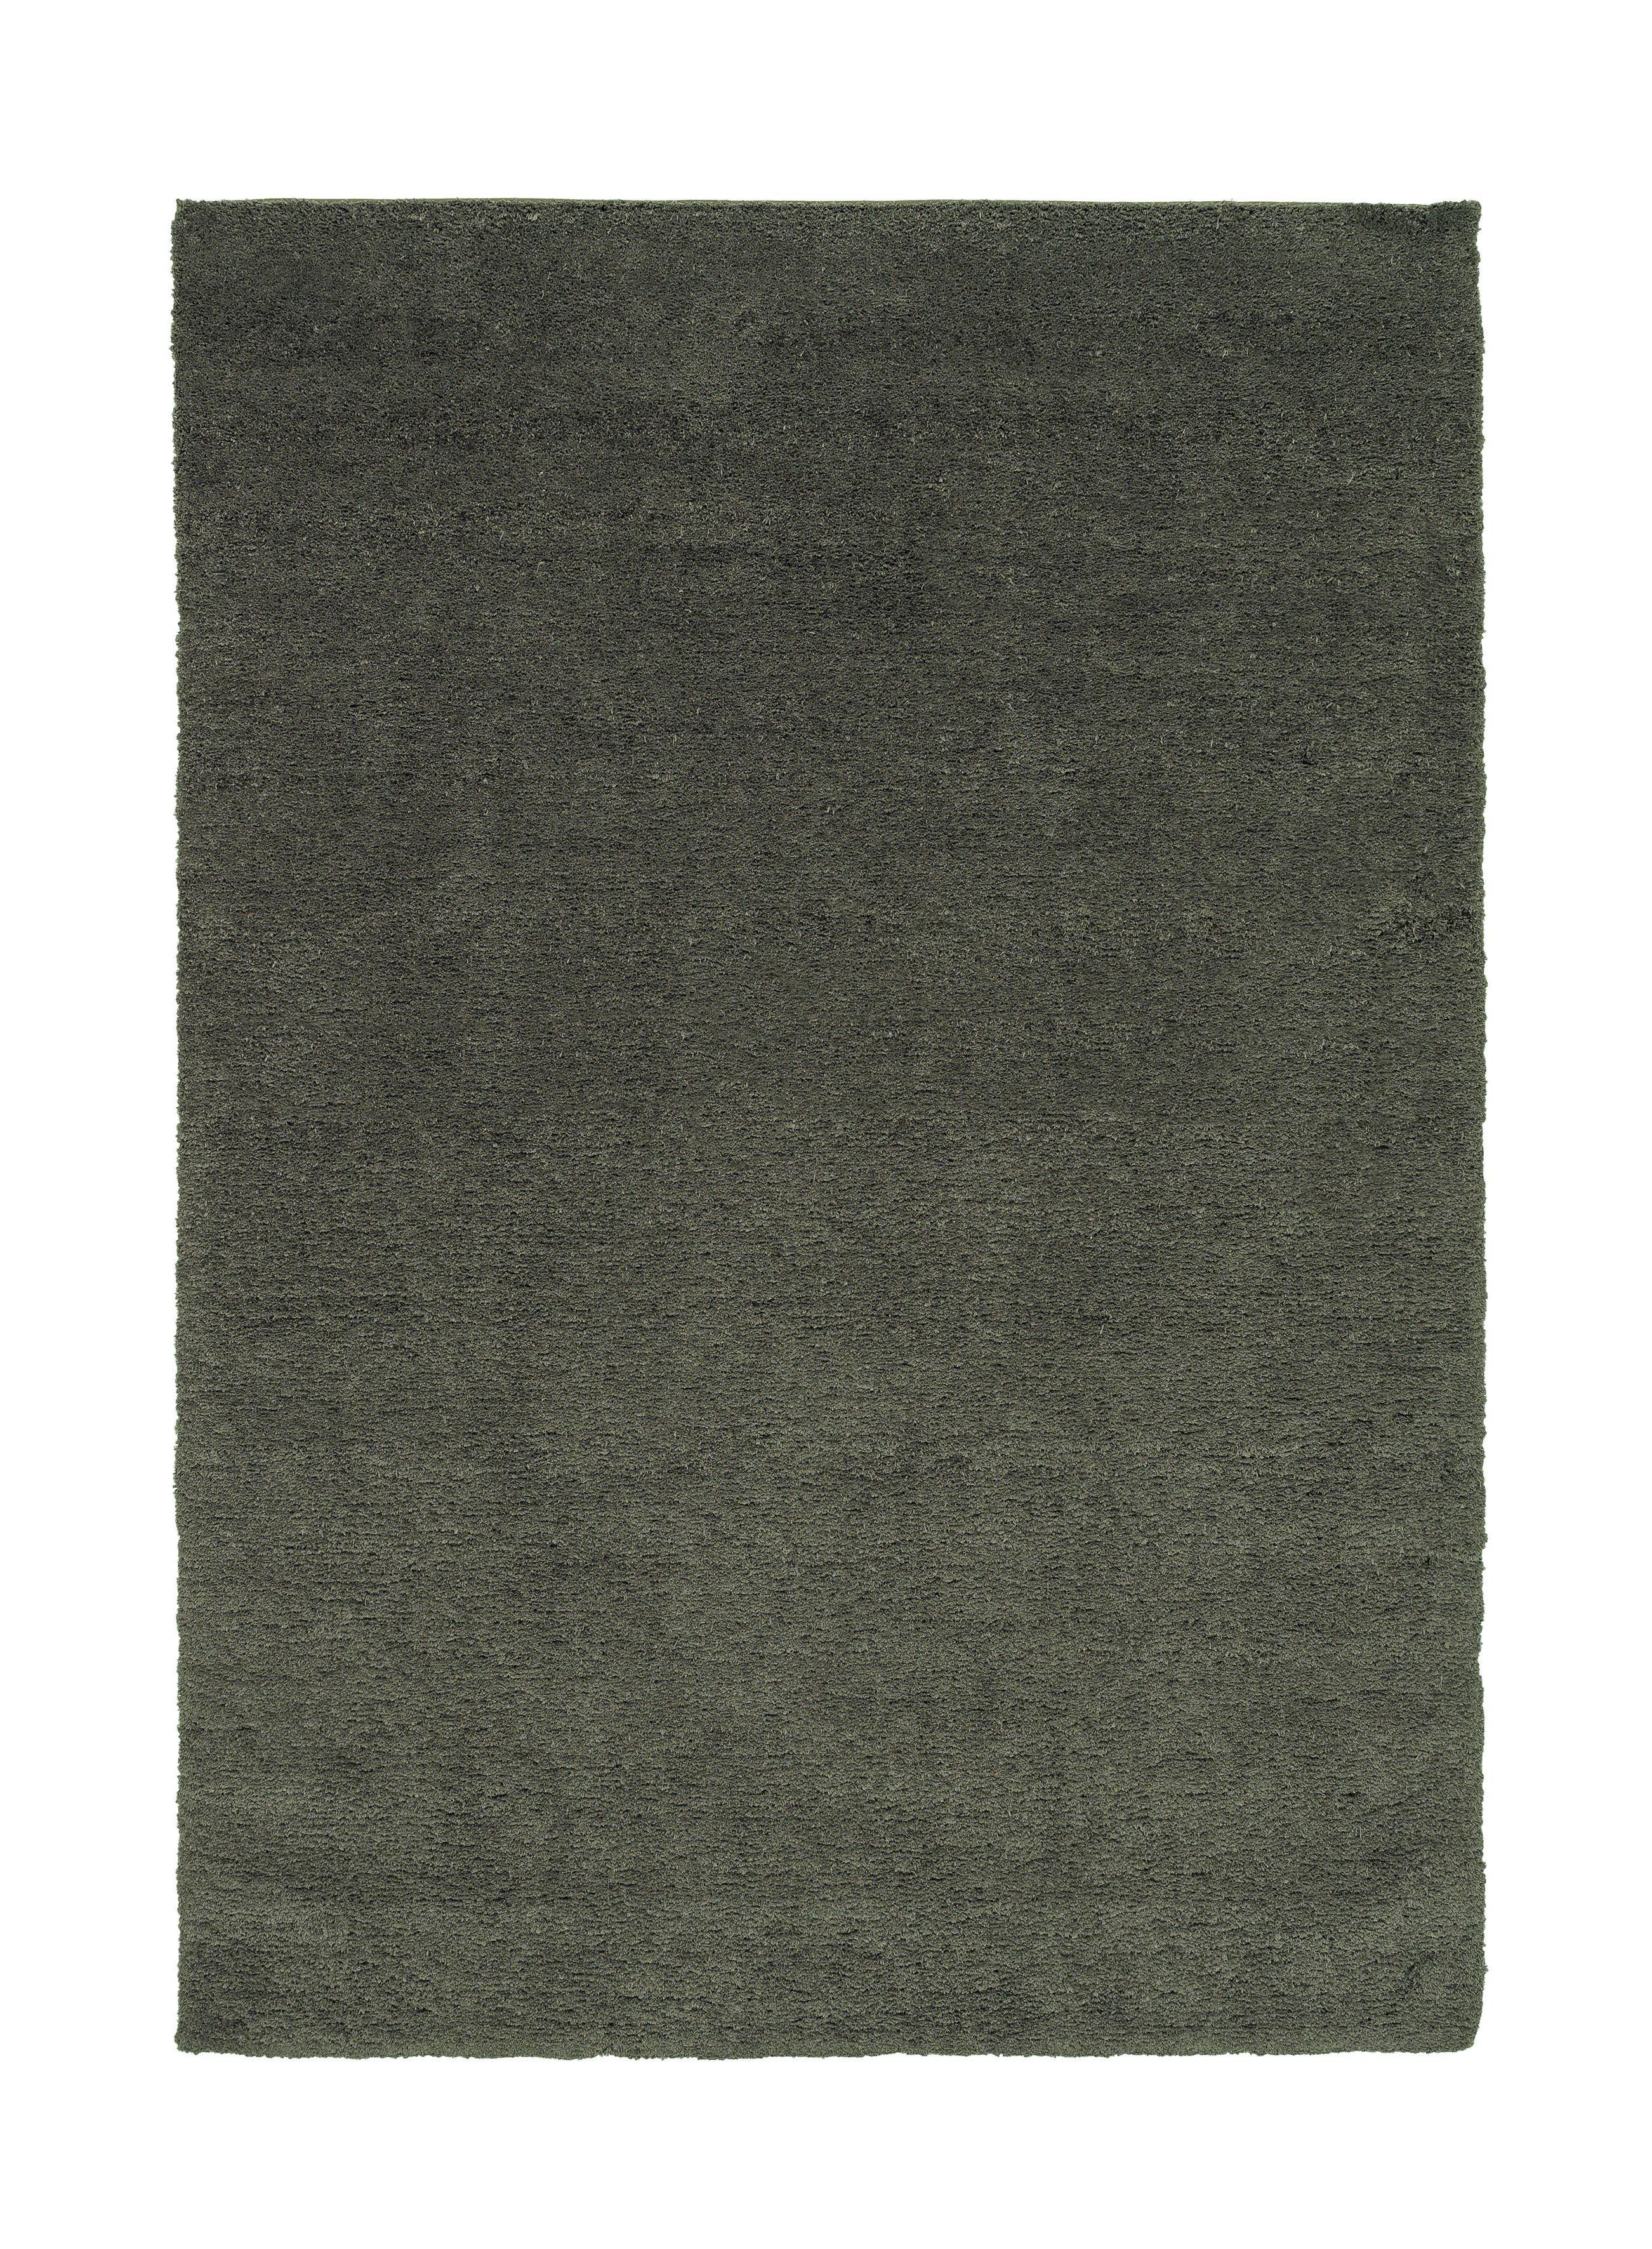 Astra - Golze koberce Kusový koberec Livorno 084 Taupe - 120x180 cm